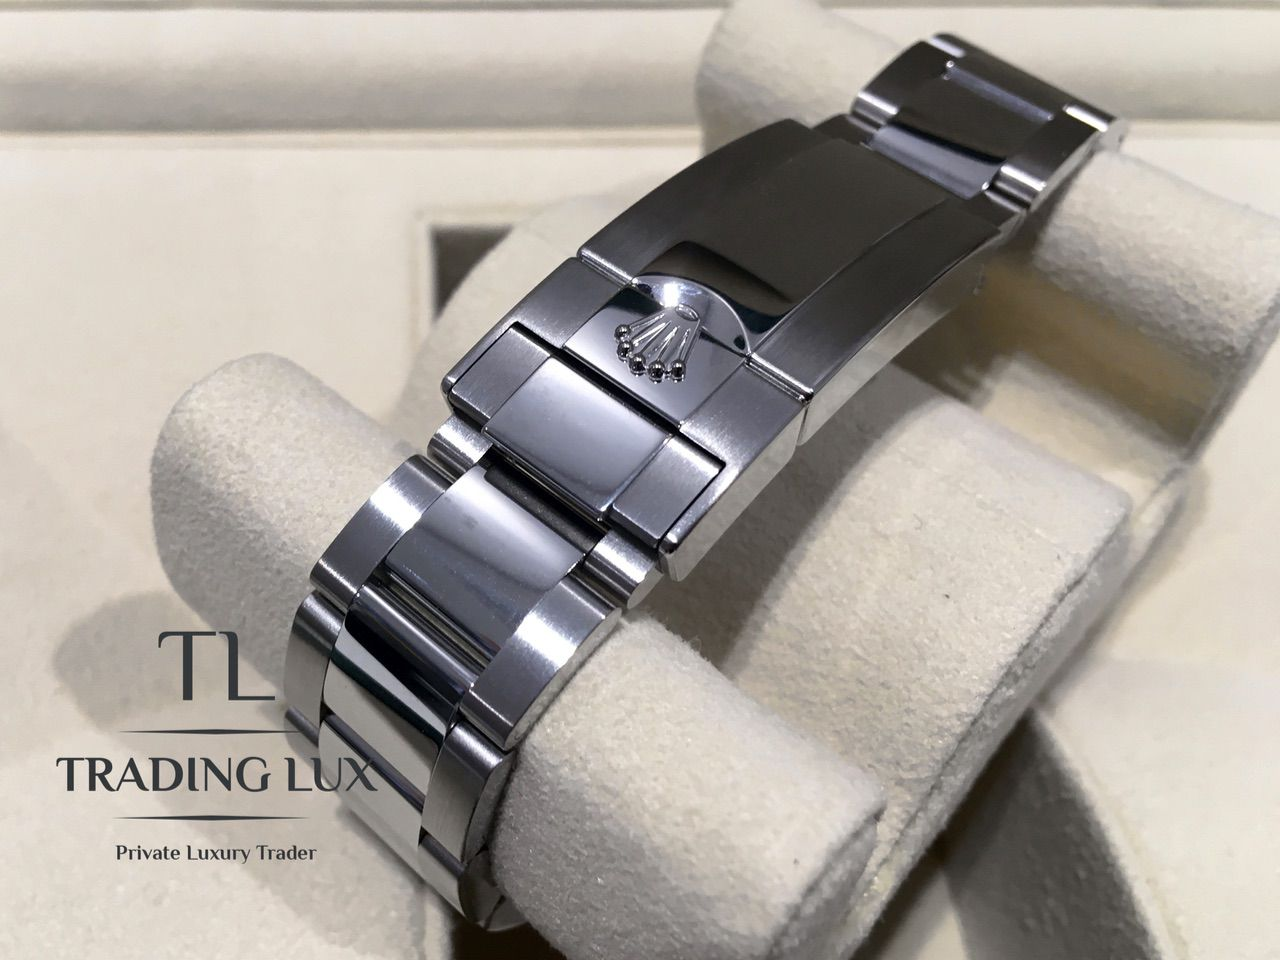 Rolex-Daytona-116500LN-Black-White13